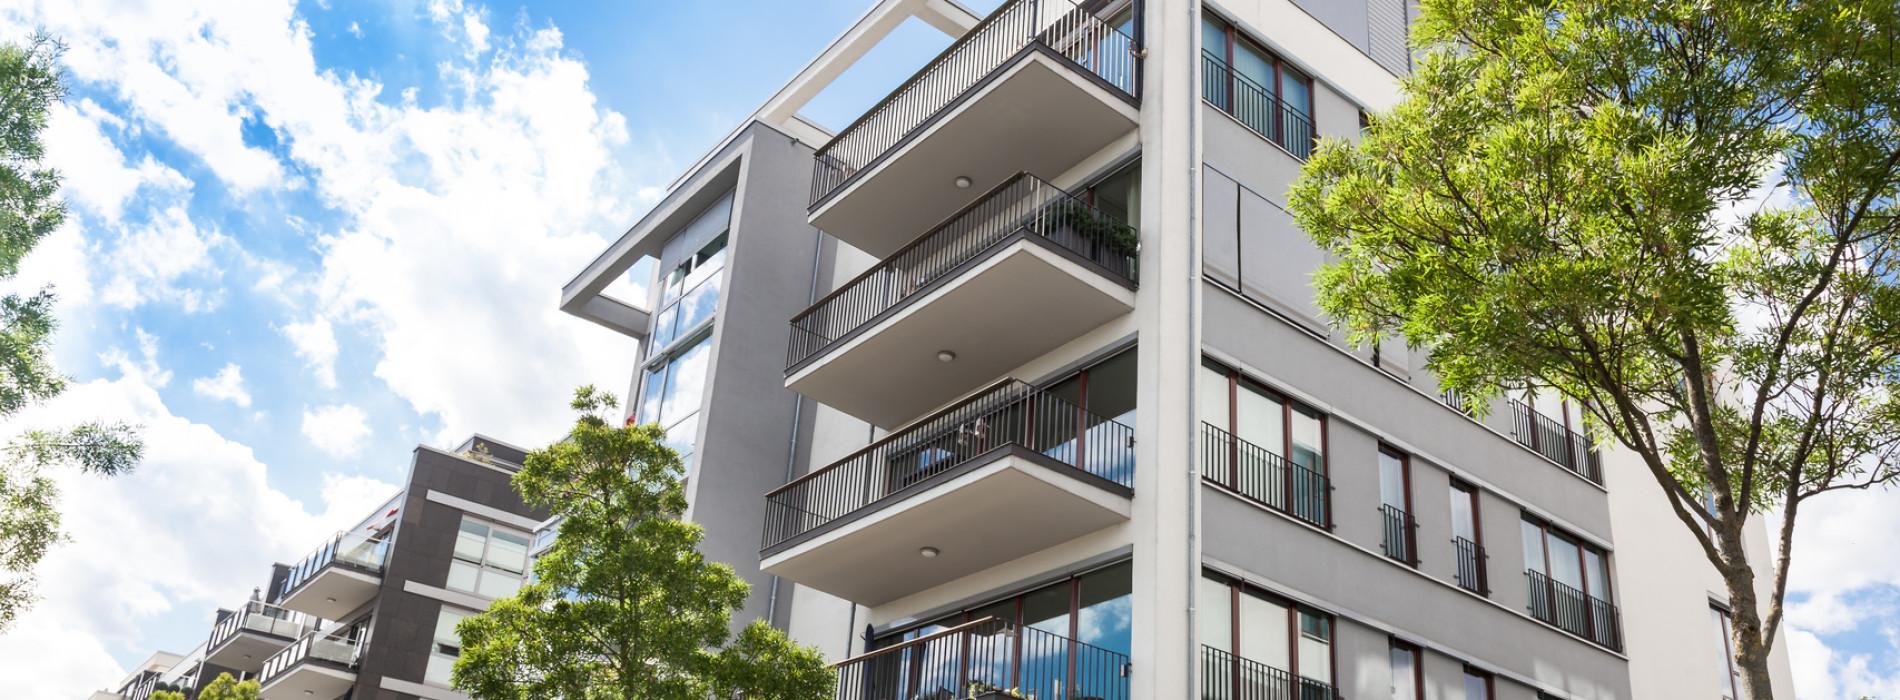 Dlaczego warto kupić mieszkanie pod wynajem w Warszawie?